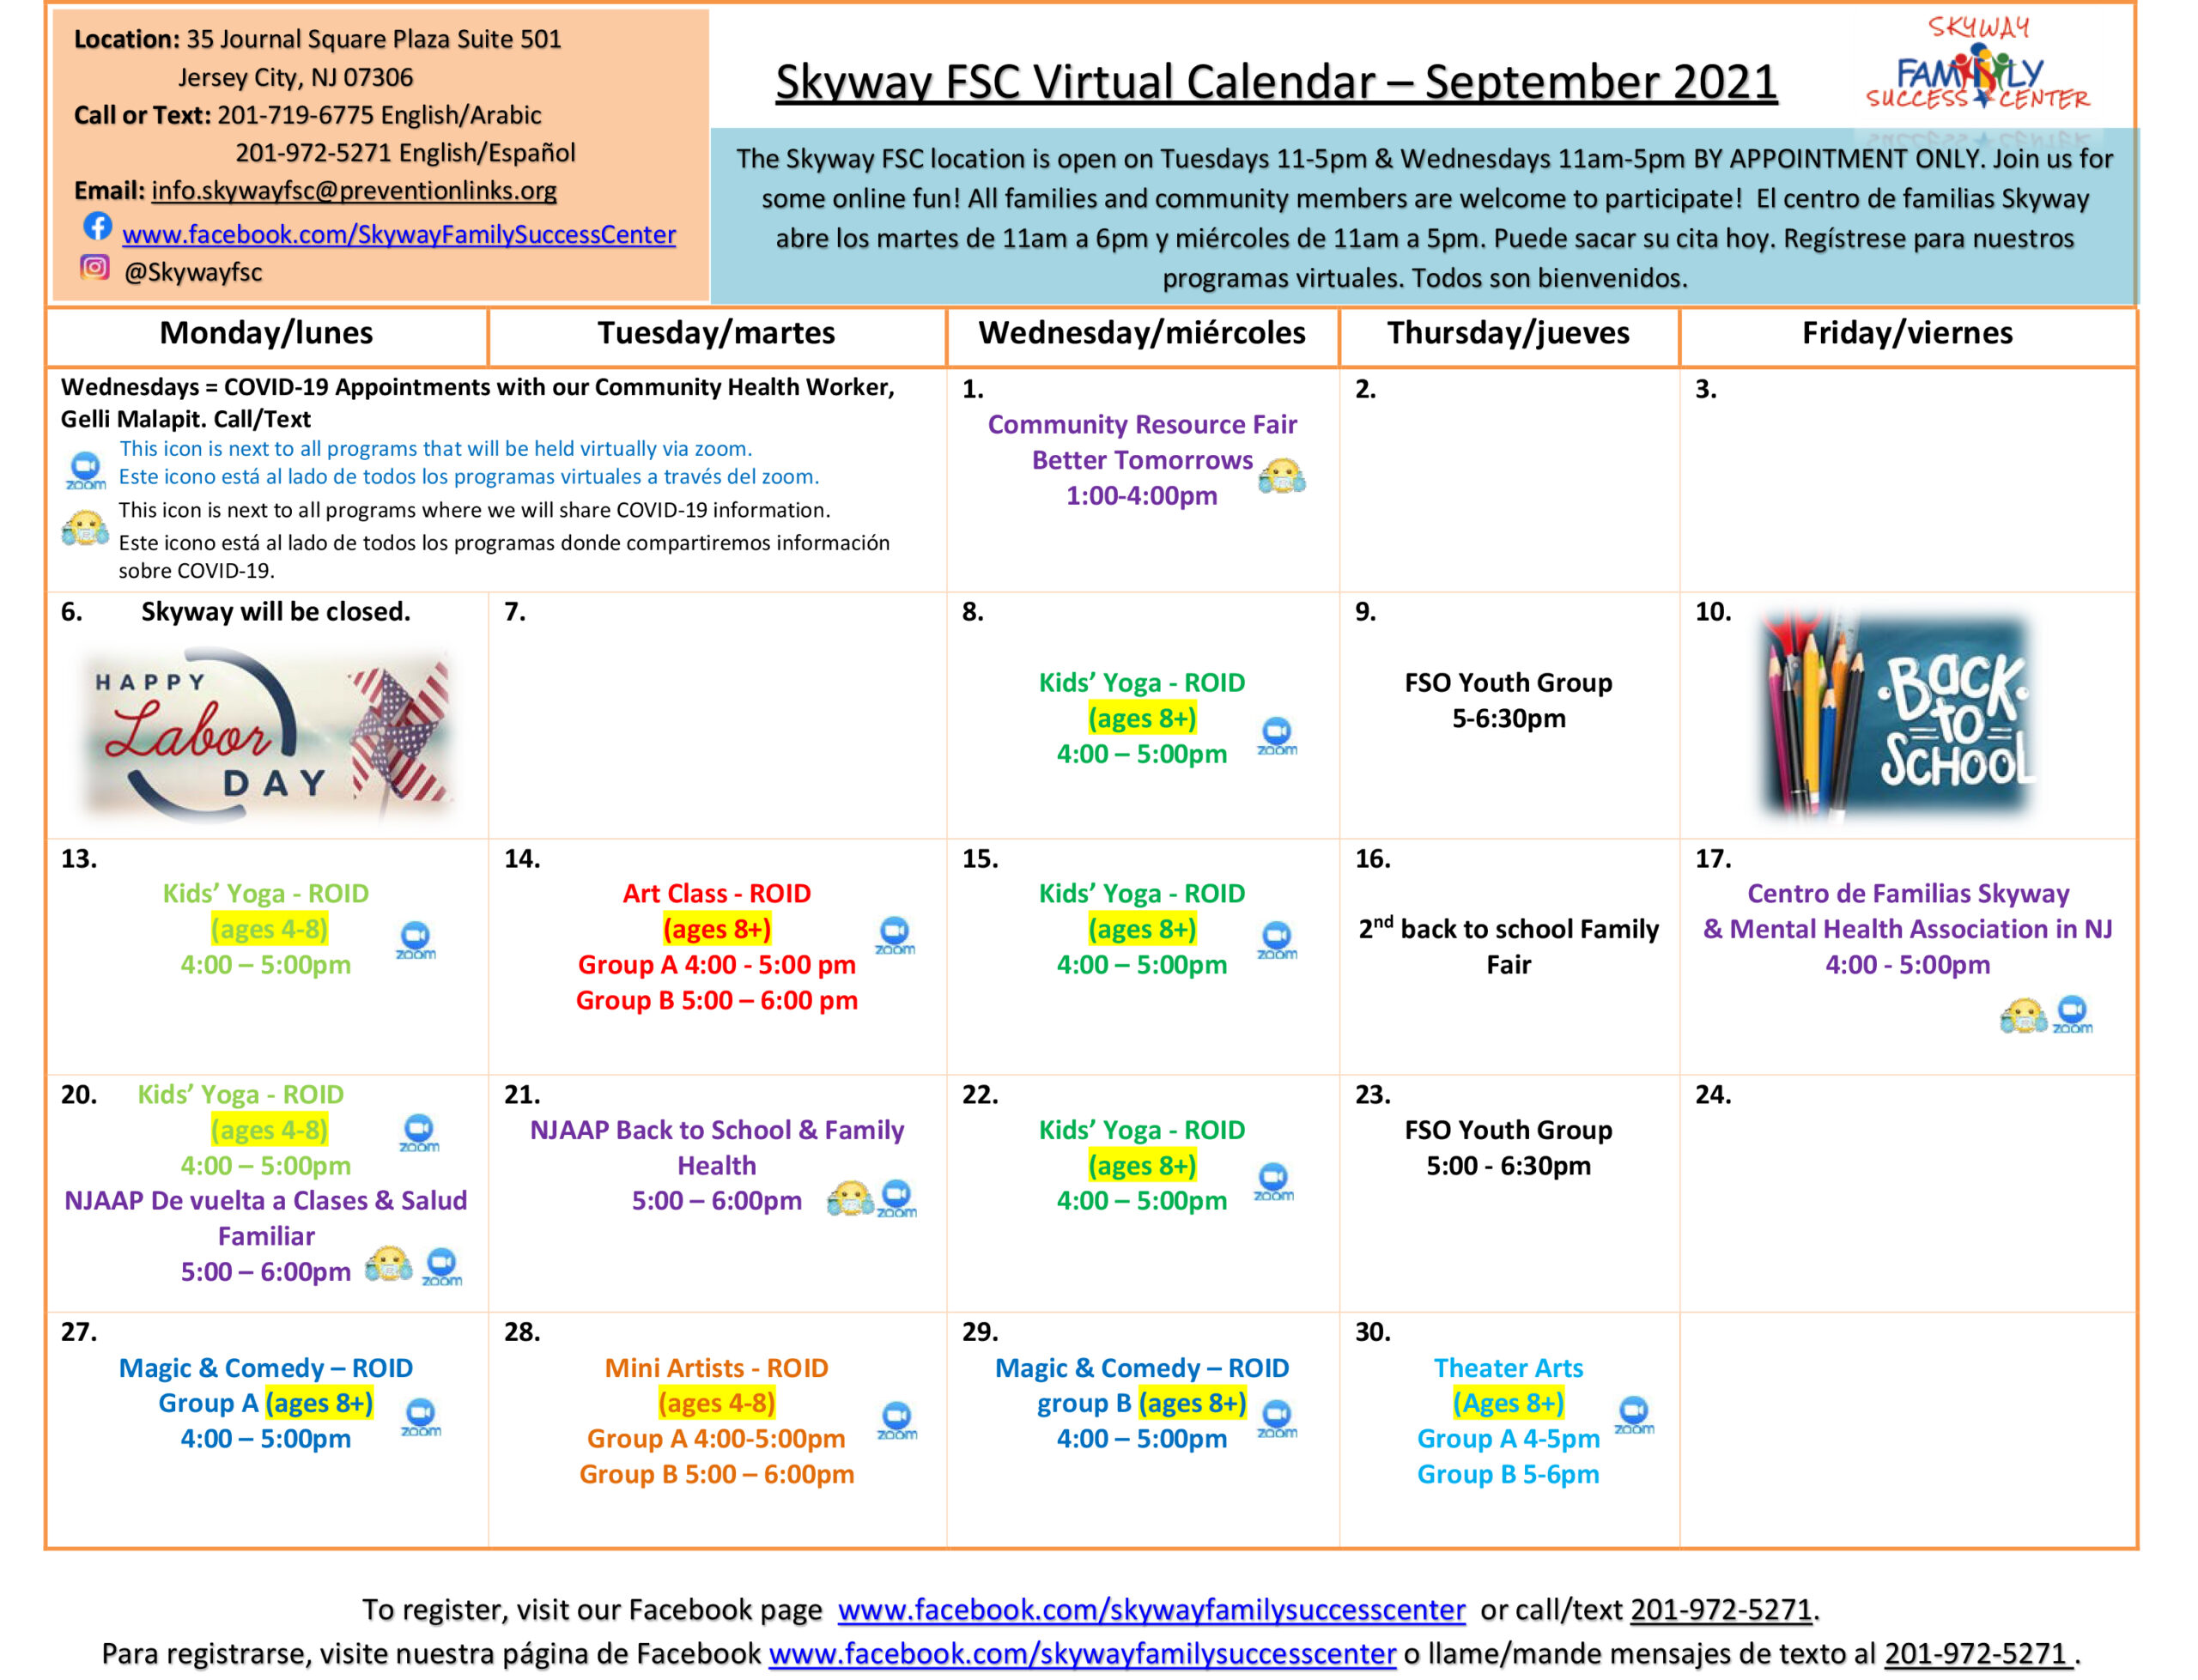 SkywayFSC Virtual Monthly Calendar - September 2021-1